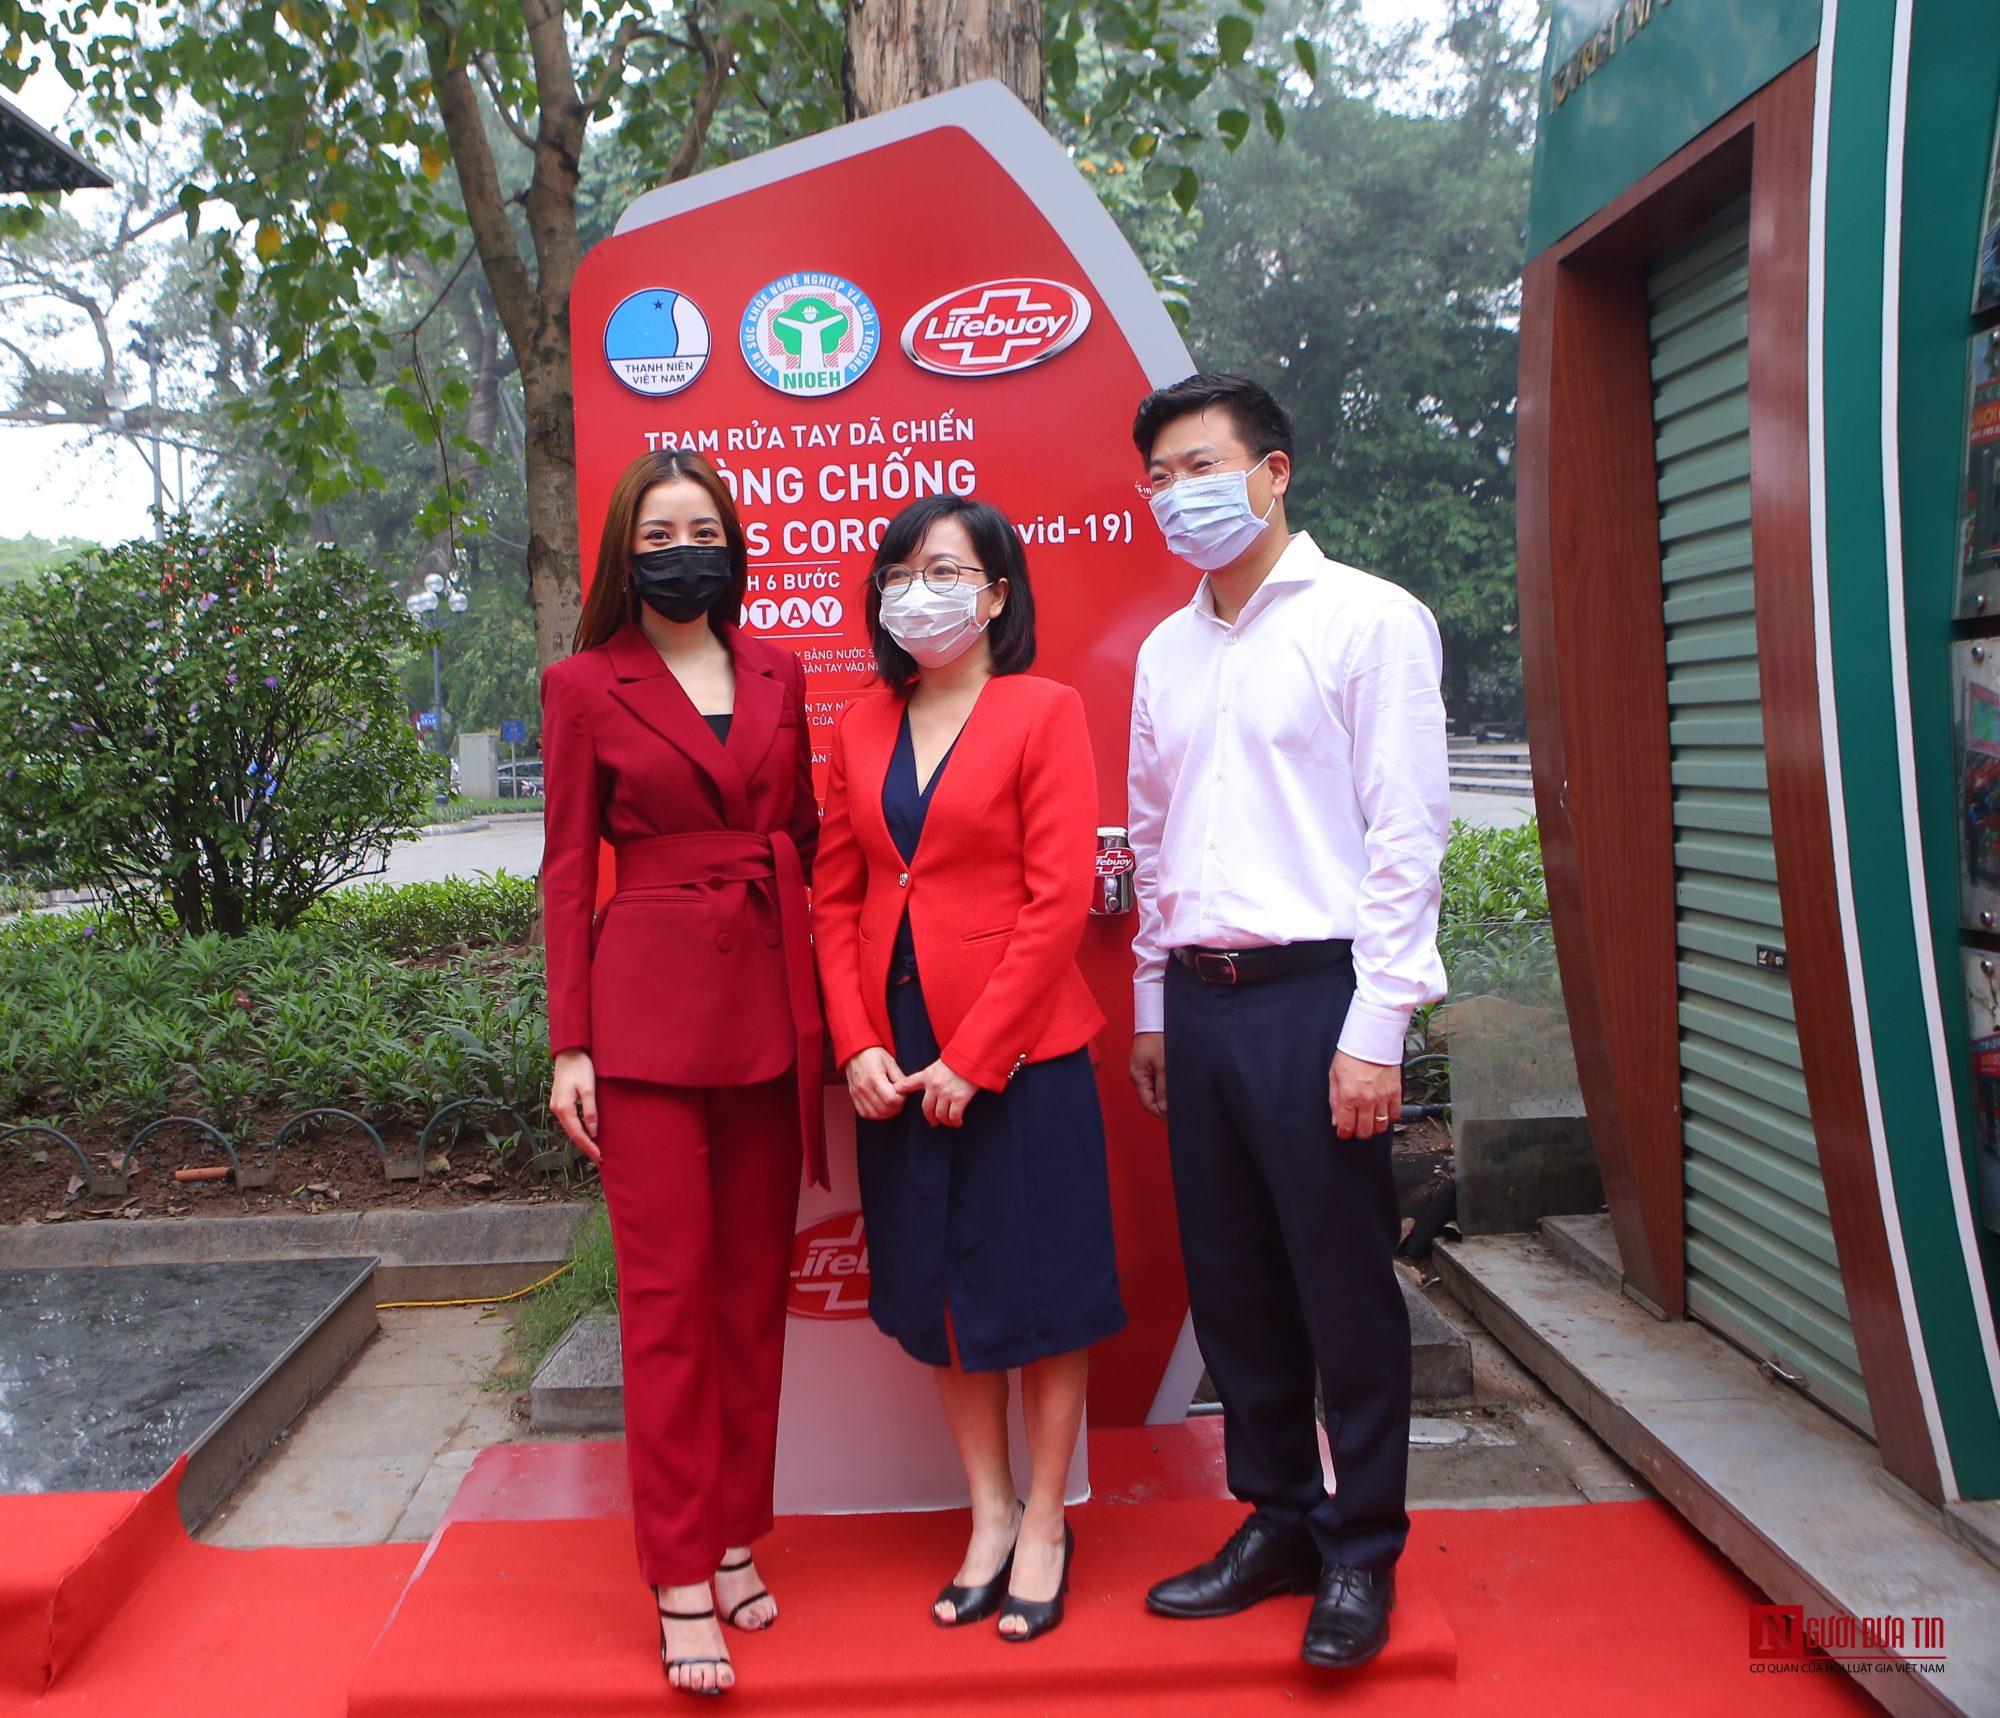 Sức khỏe - Chi Pu làm đại sứ của Quỹ 100 trạm rửa tay dã chiến phòng chống dịch Covid - 19 (Hình 10).